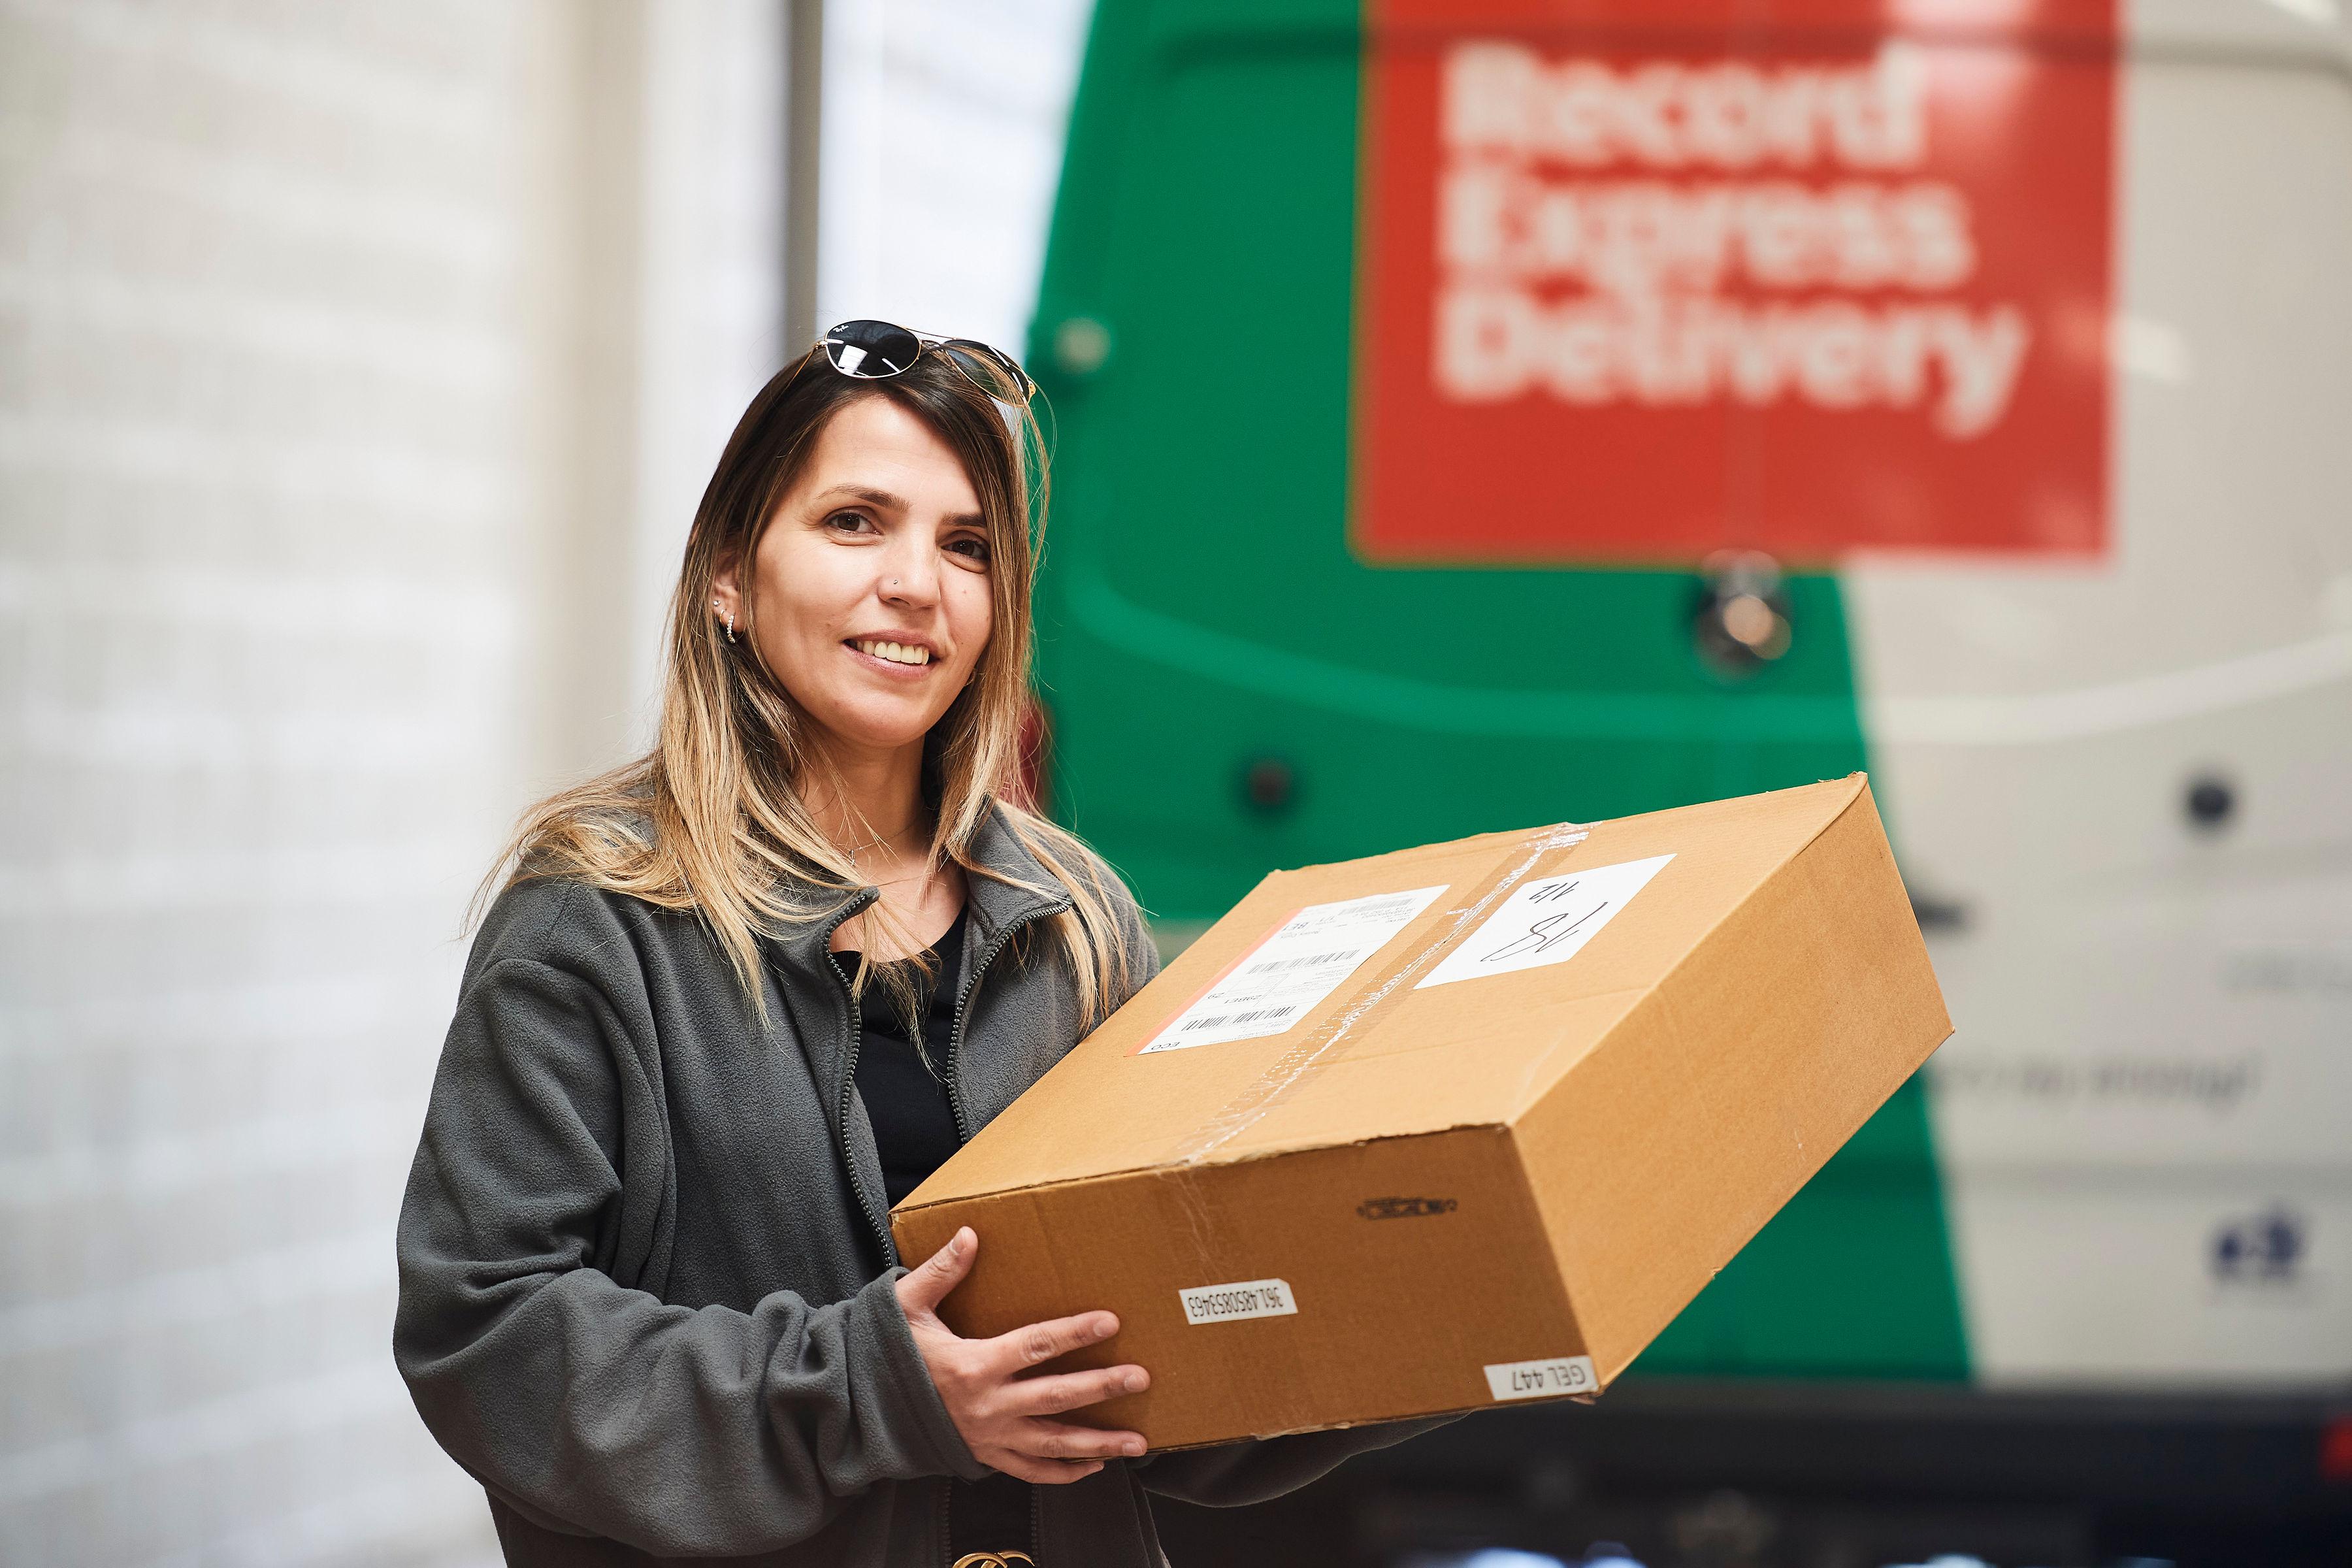 Express levering van uw kleine pakketten in B2B